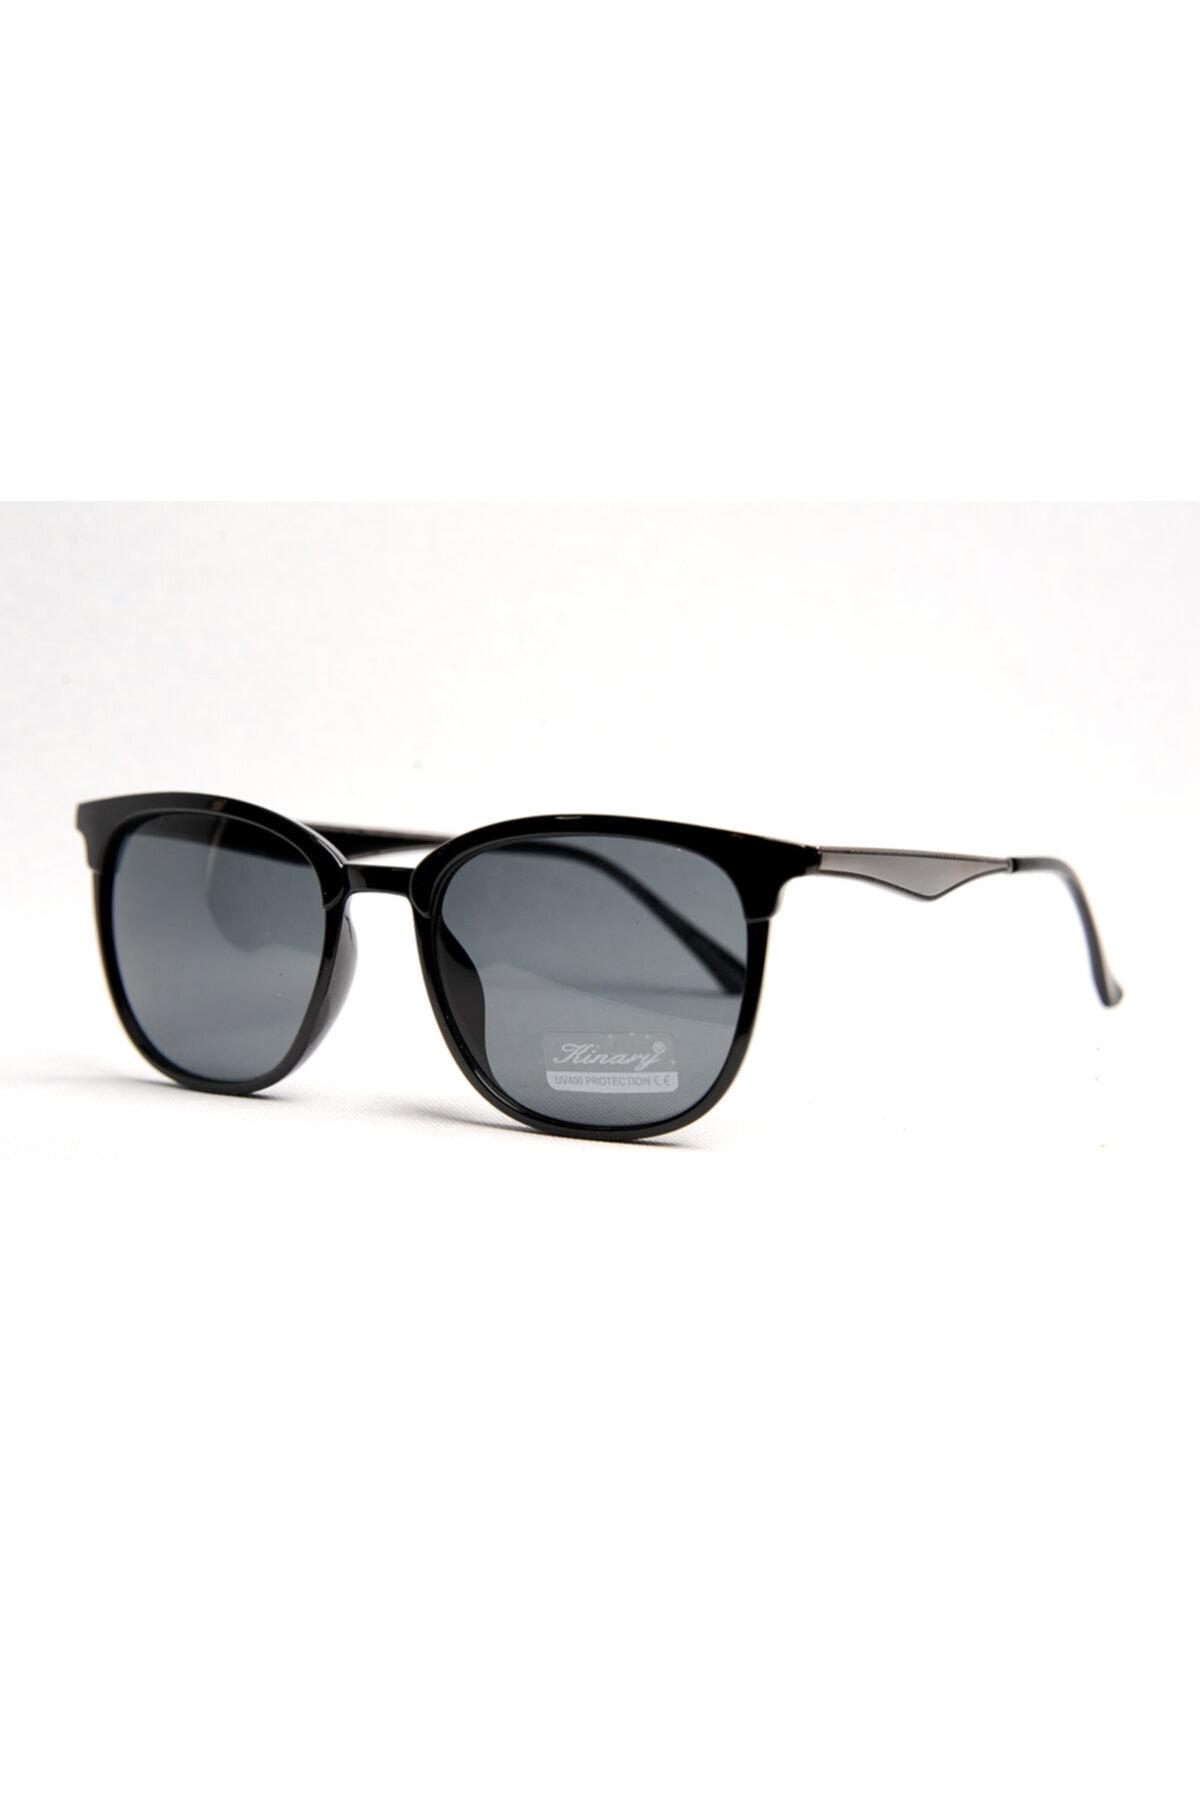 عینک دودی مردانه ترک برند humakusu رنگ مشکی کد ty117951930